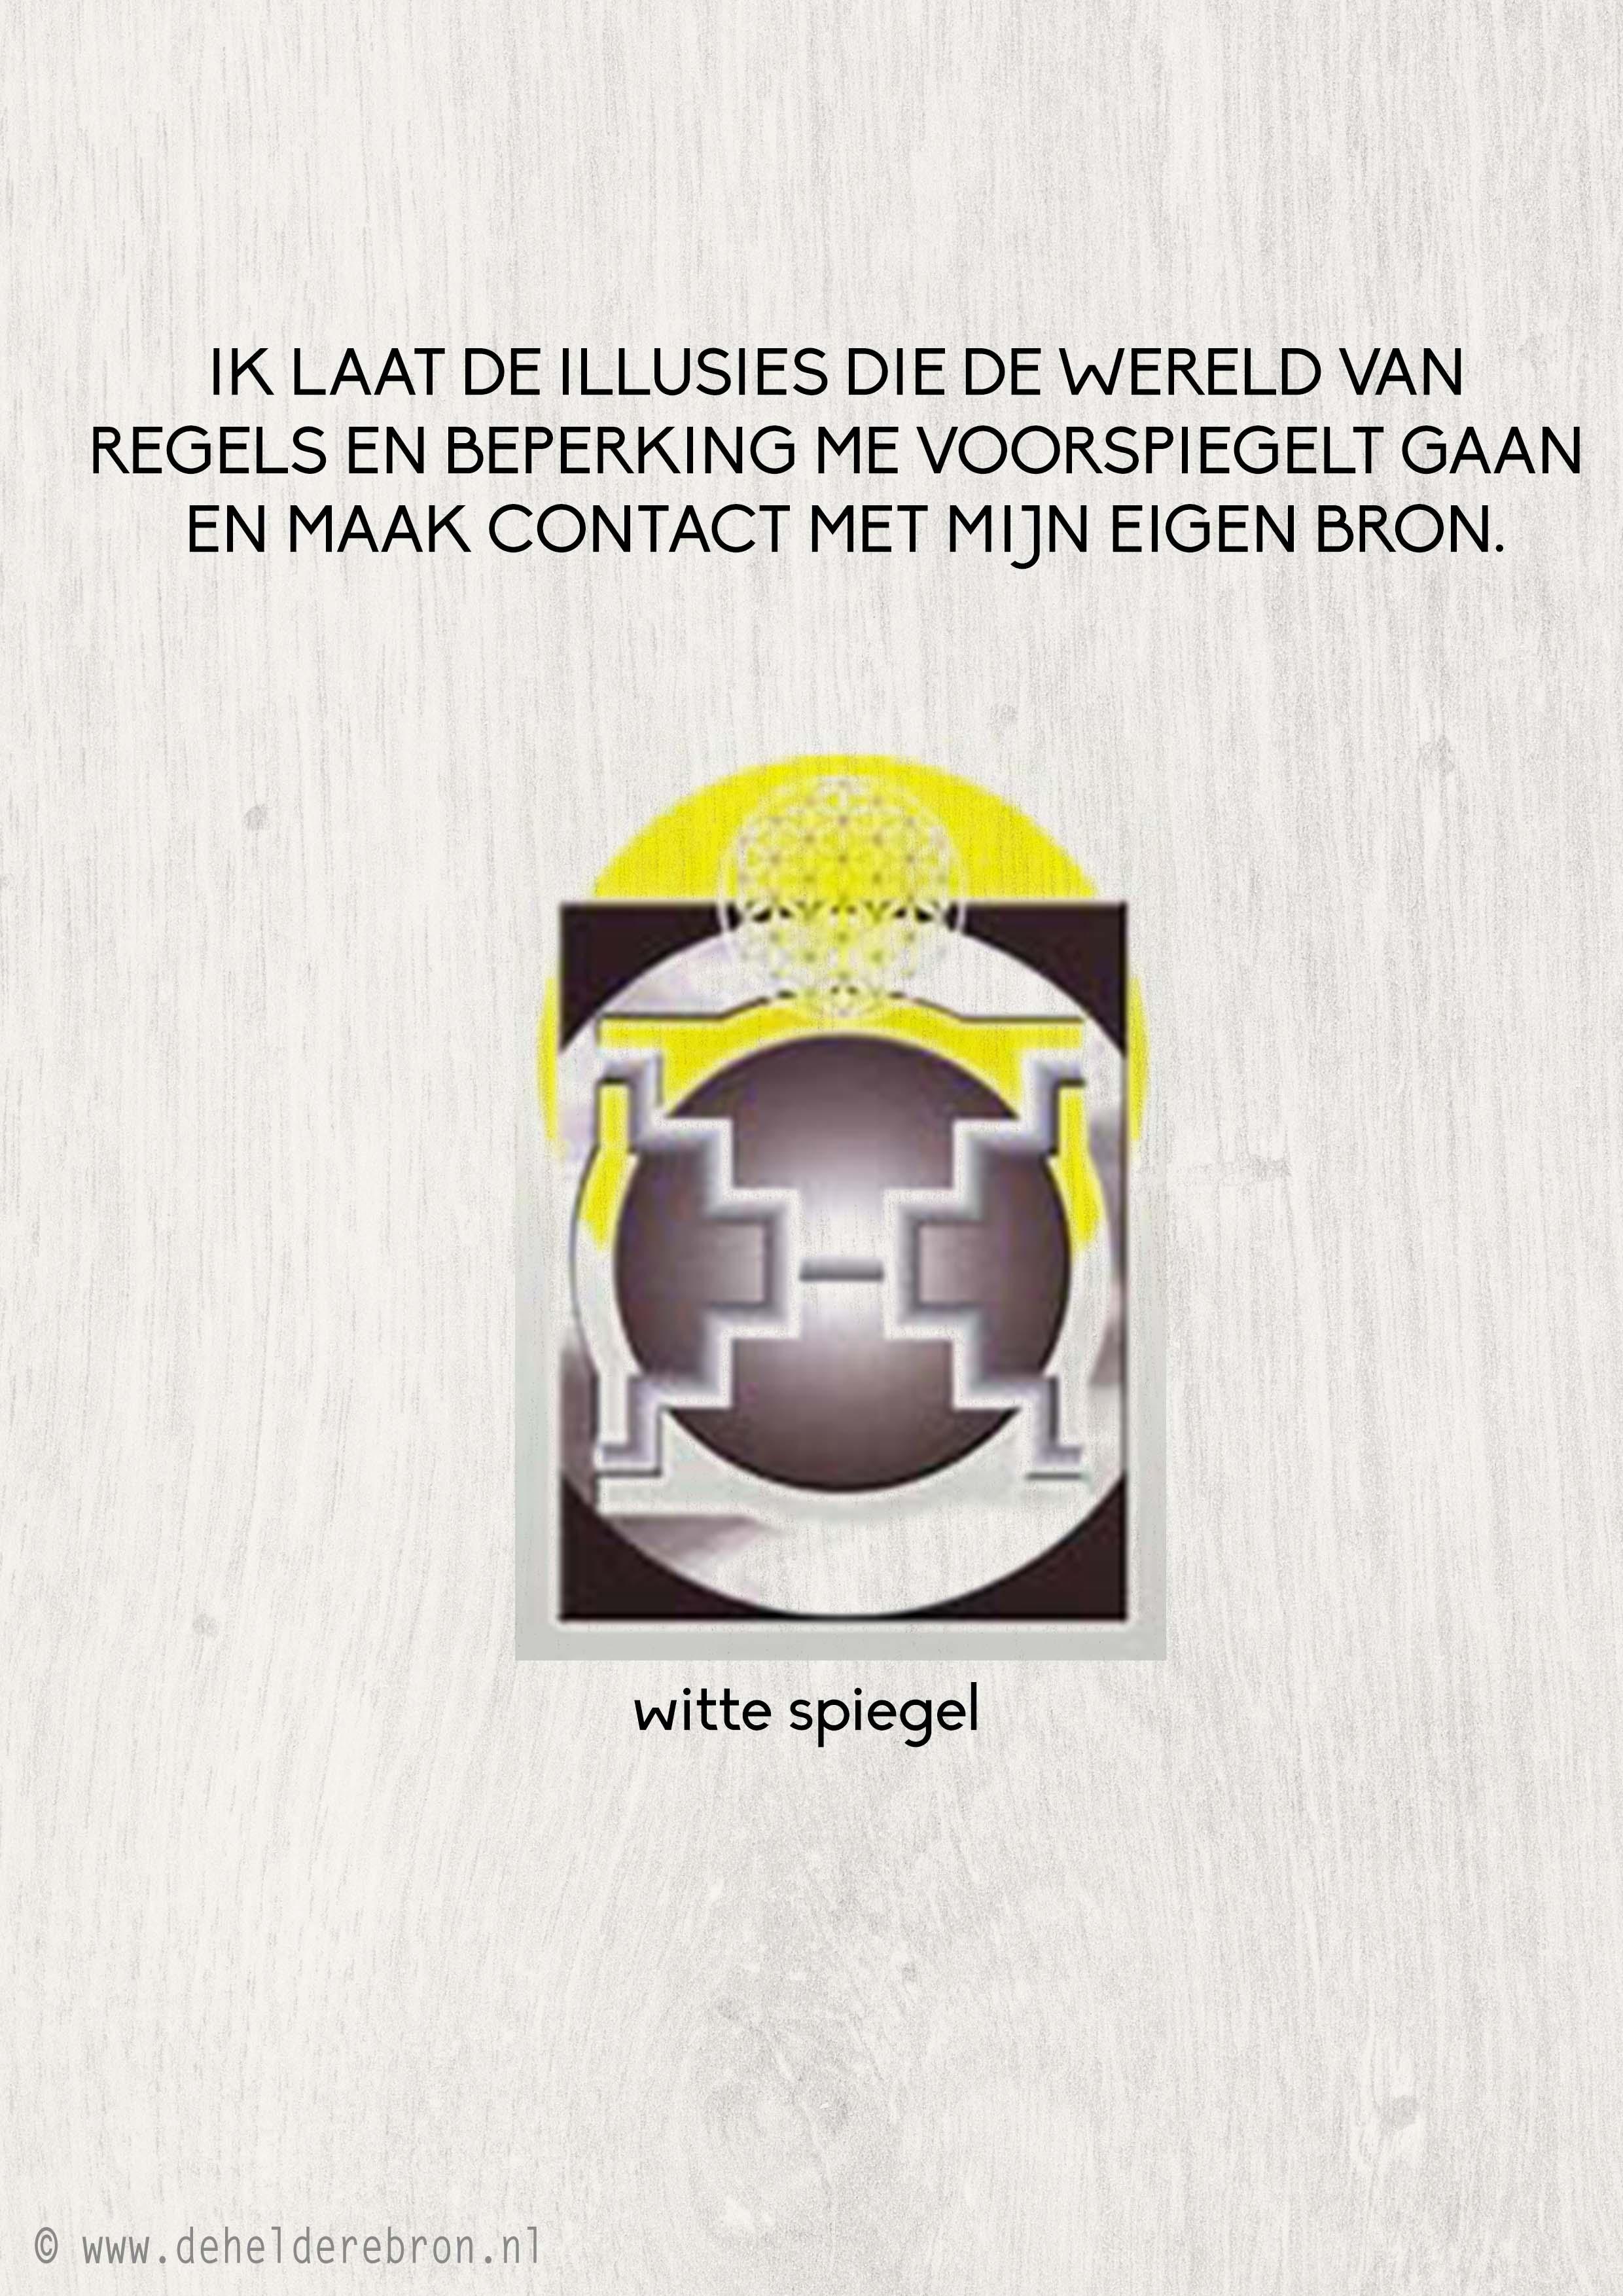 Energie 25 februari 2014 de heldere bron - Spiegel rivoli huis van de wereld ...